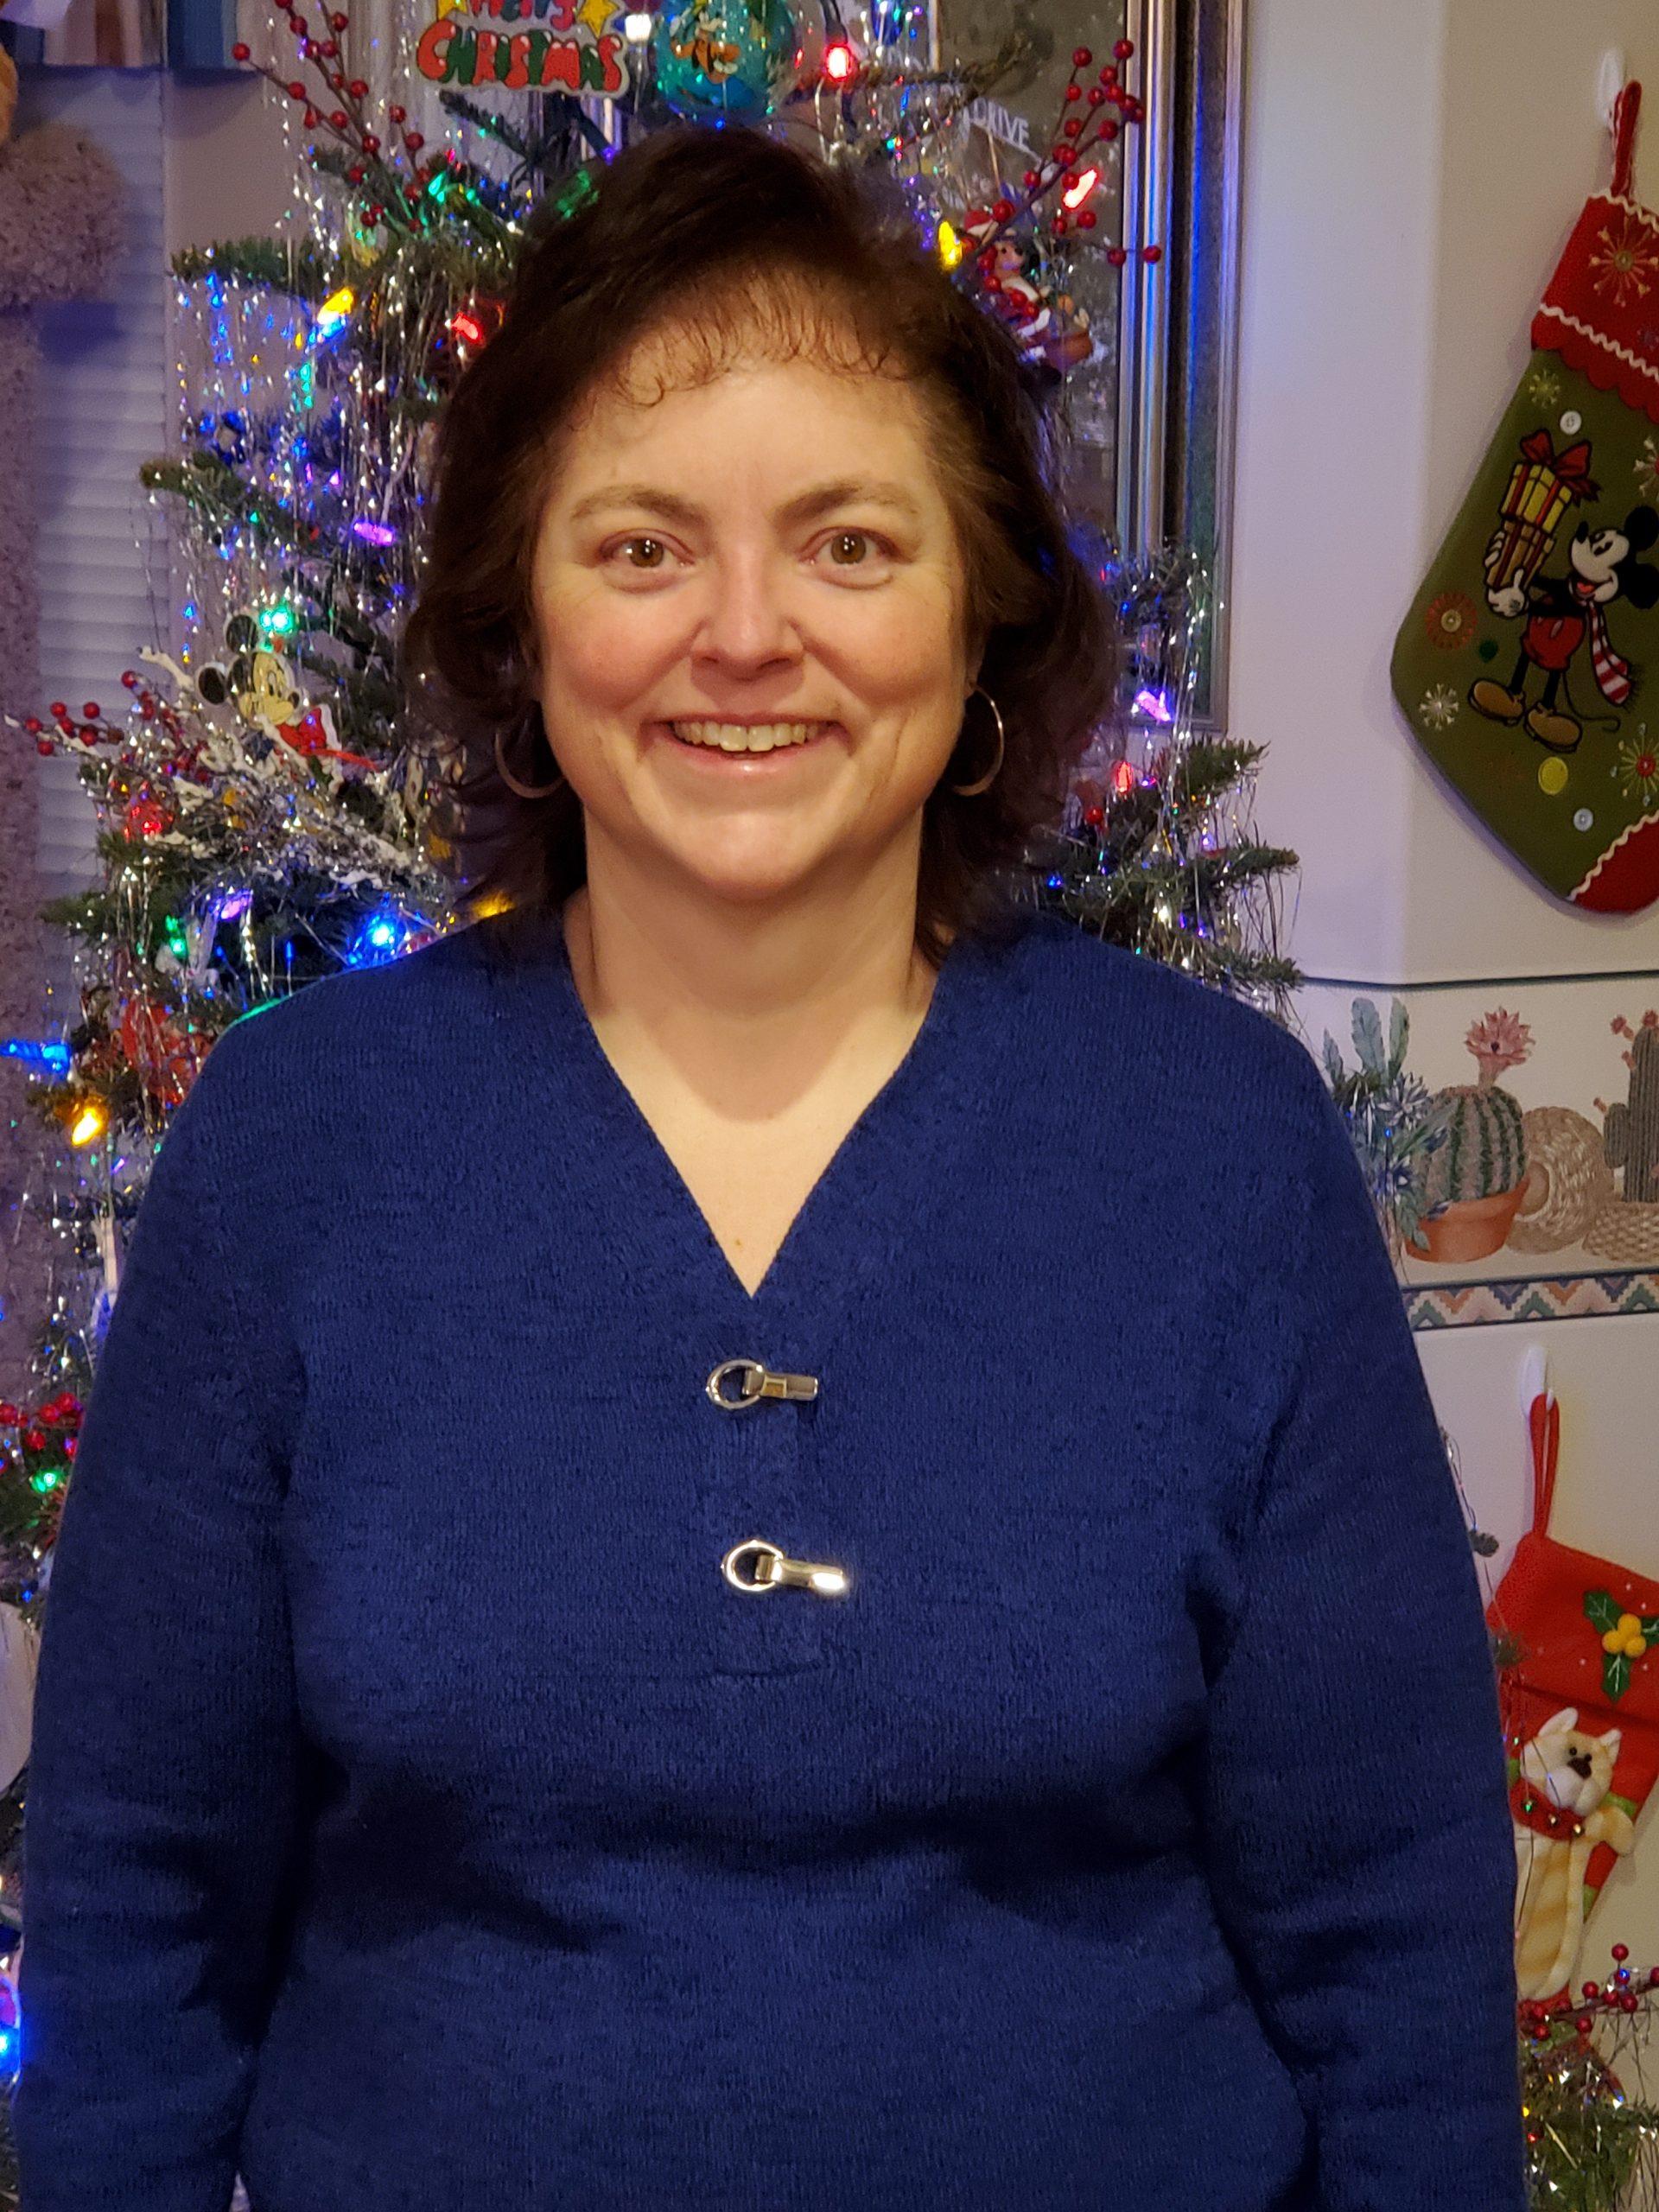 Debbie Hodson